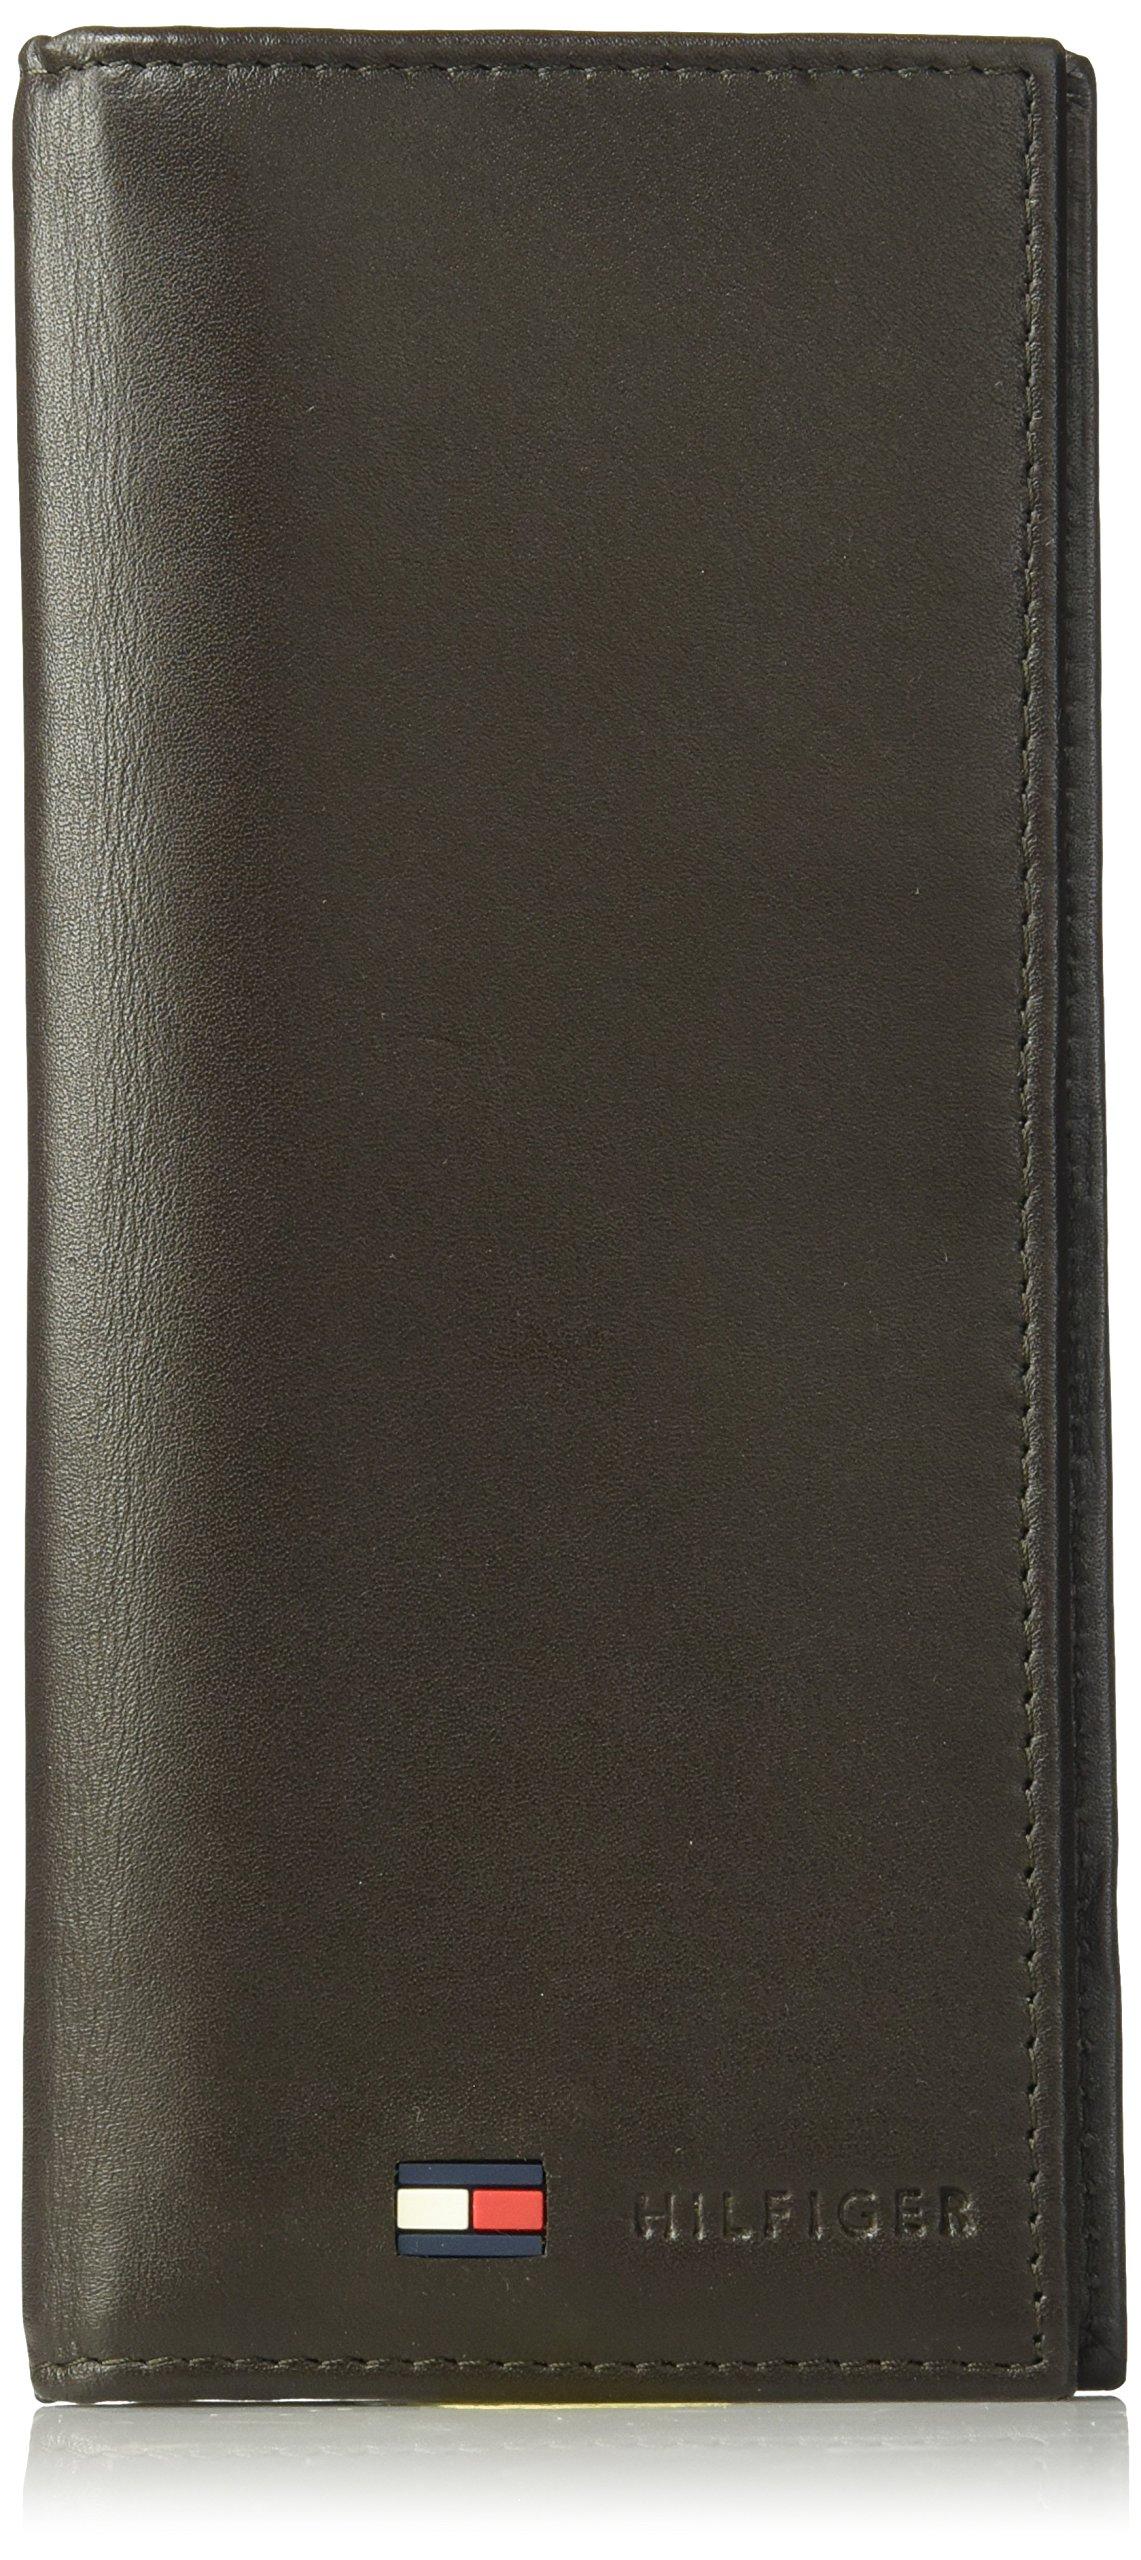 Tommy Hilfiger Men's Sheepskin Secretary Wallet